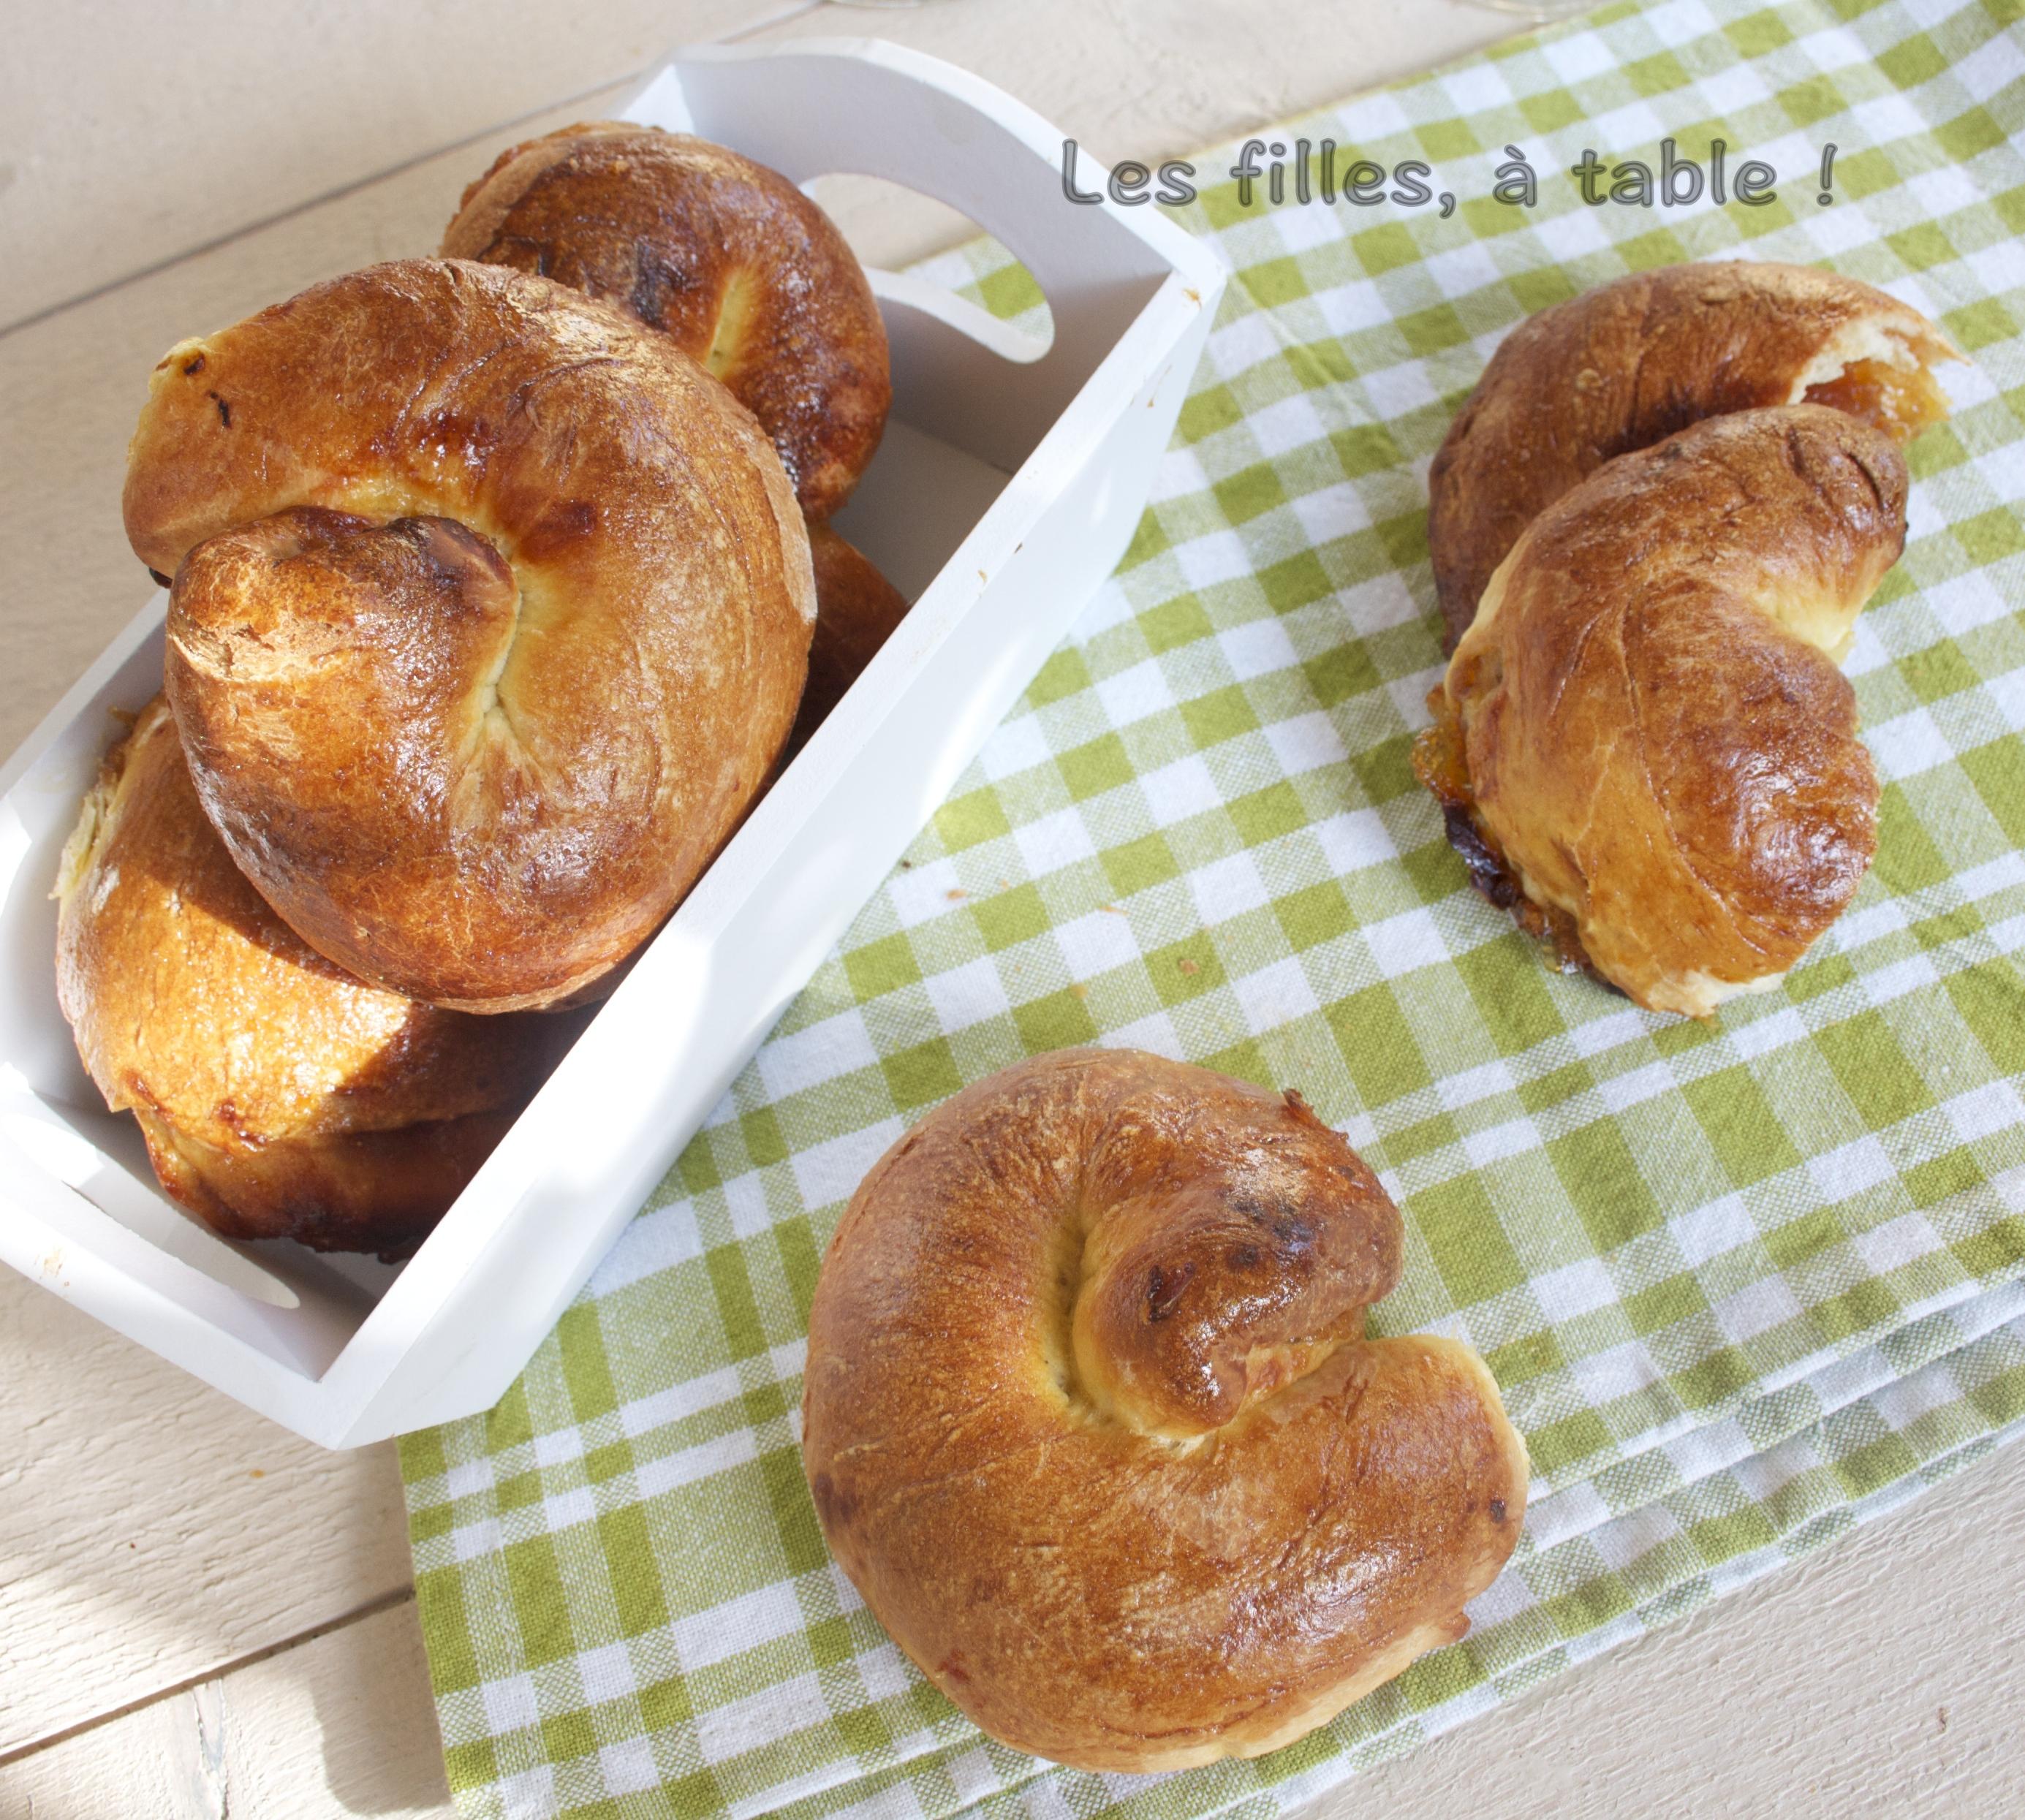 Exceptionnel pain | Les filles, à table ! EC98